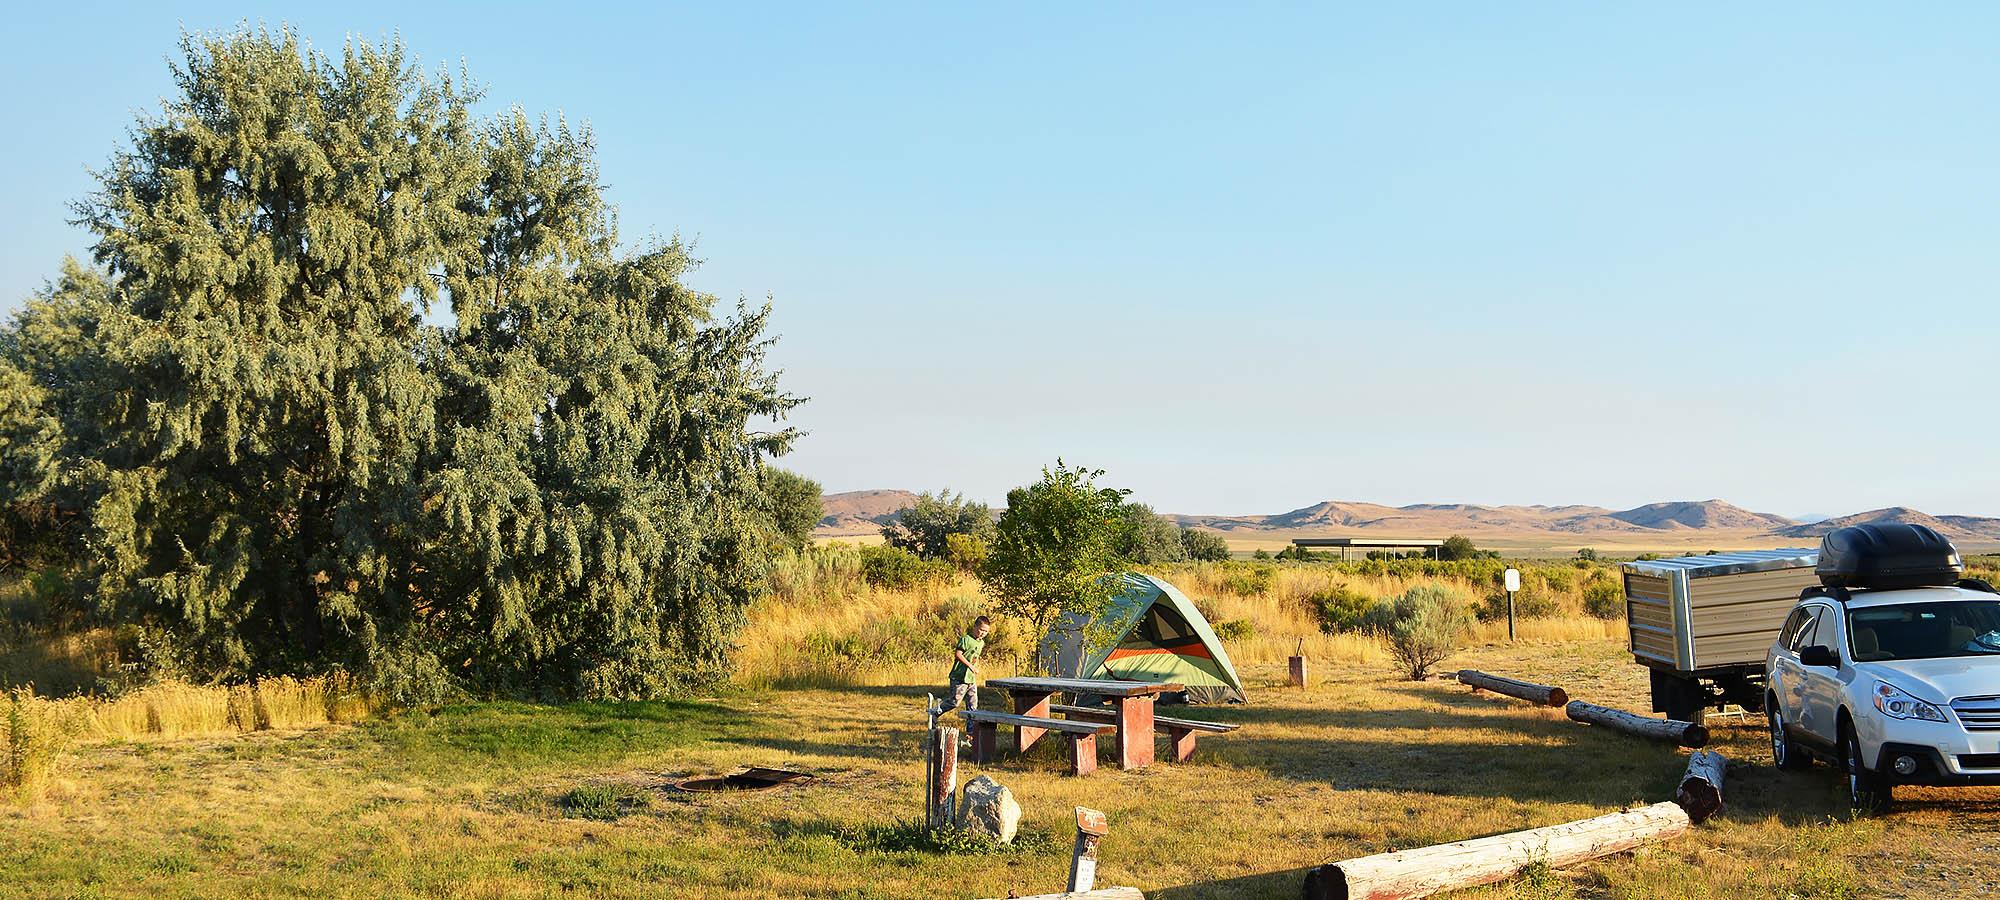 Curlew Grasslands